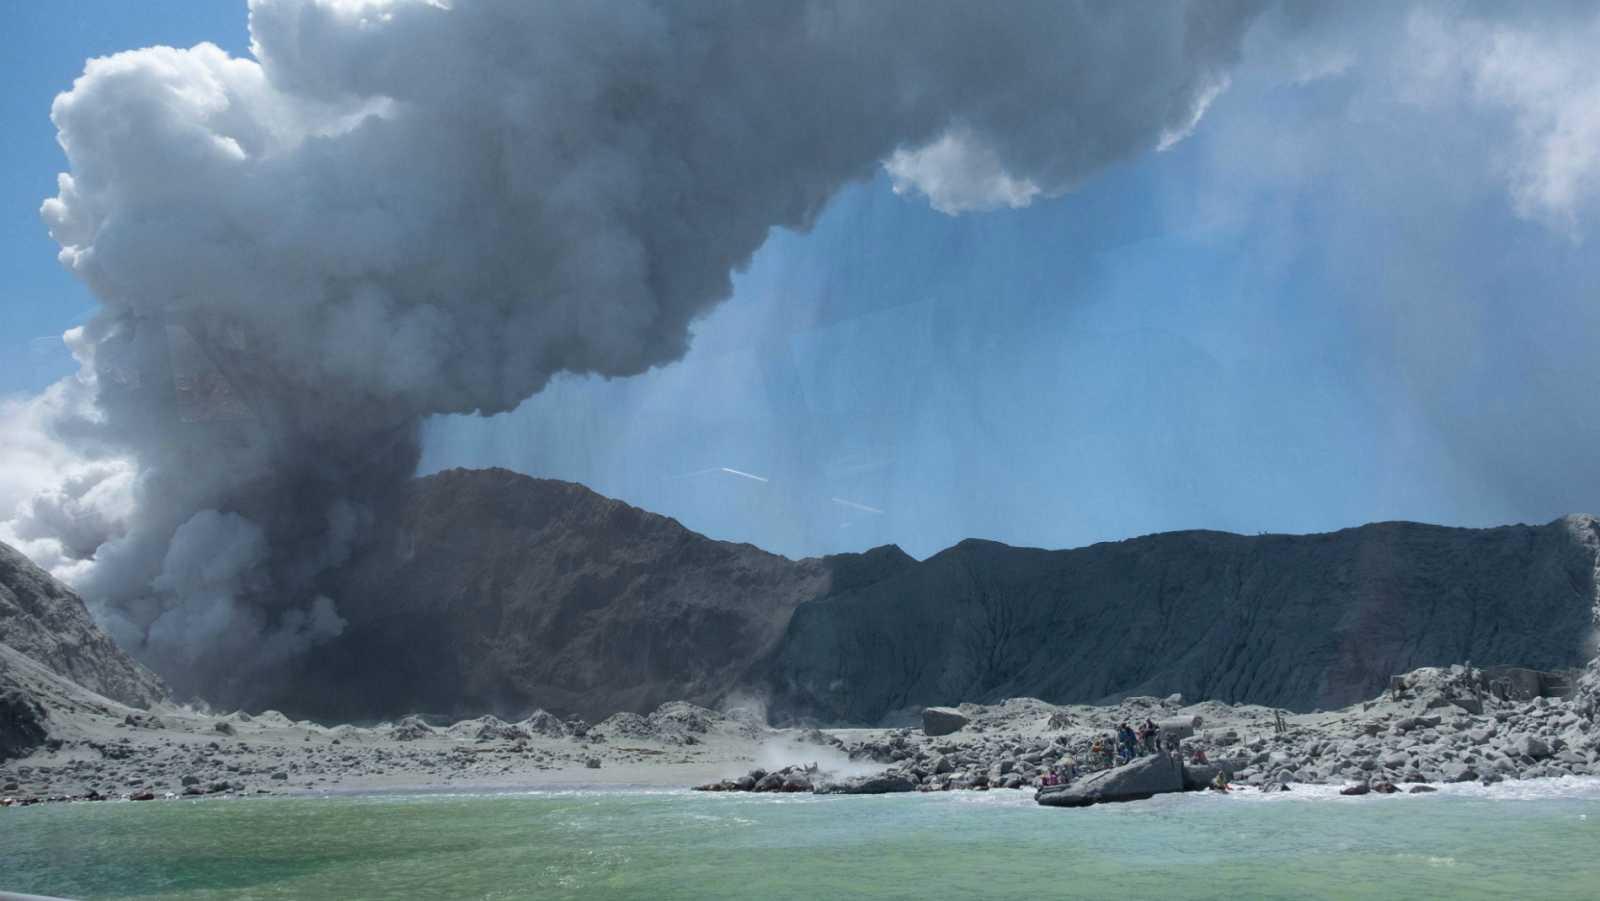 ثوران بركان واكاري نيوزيلندا يترك خمسة قتلى على الأقل و 31 مصابًا وفقد ثمانية